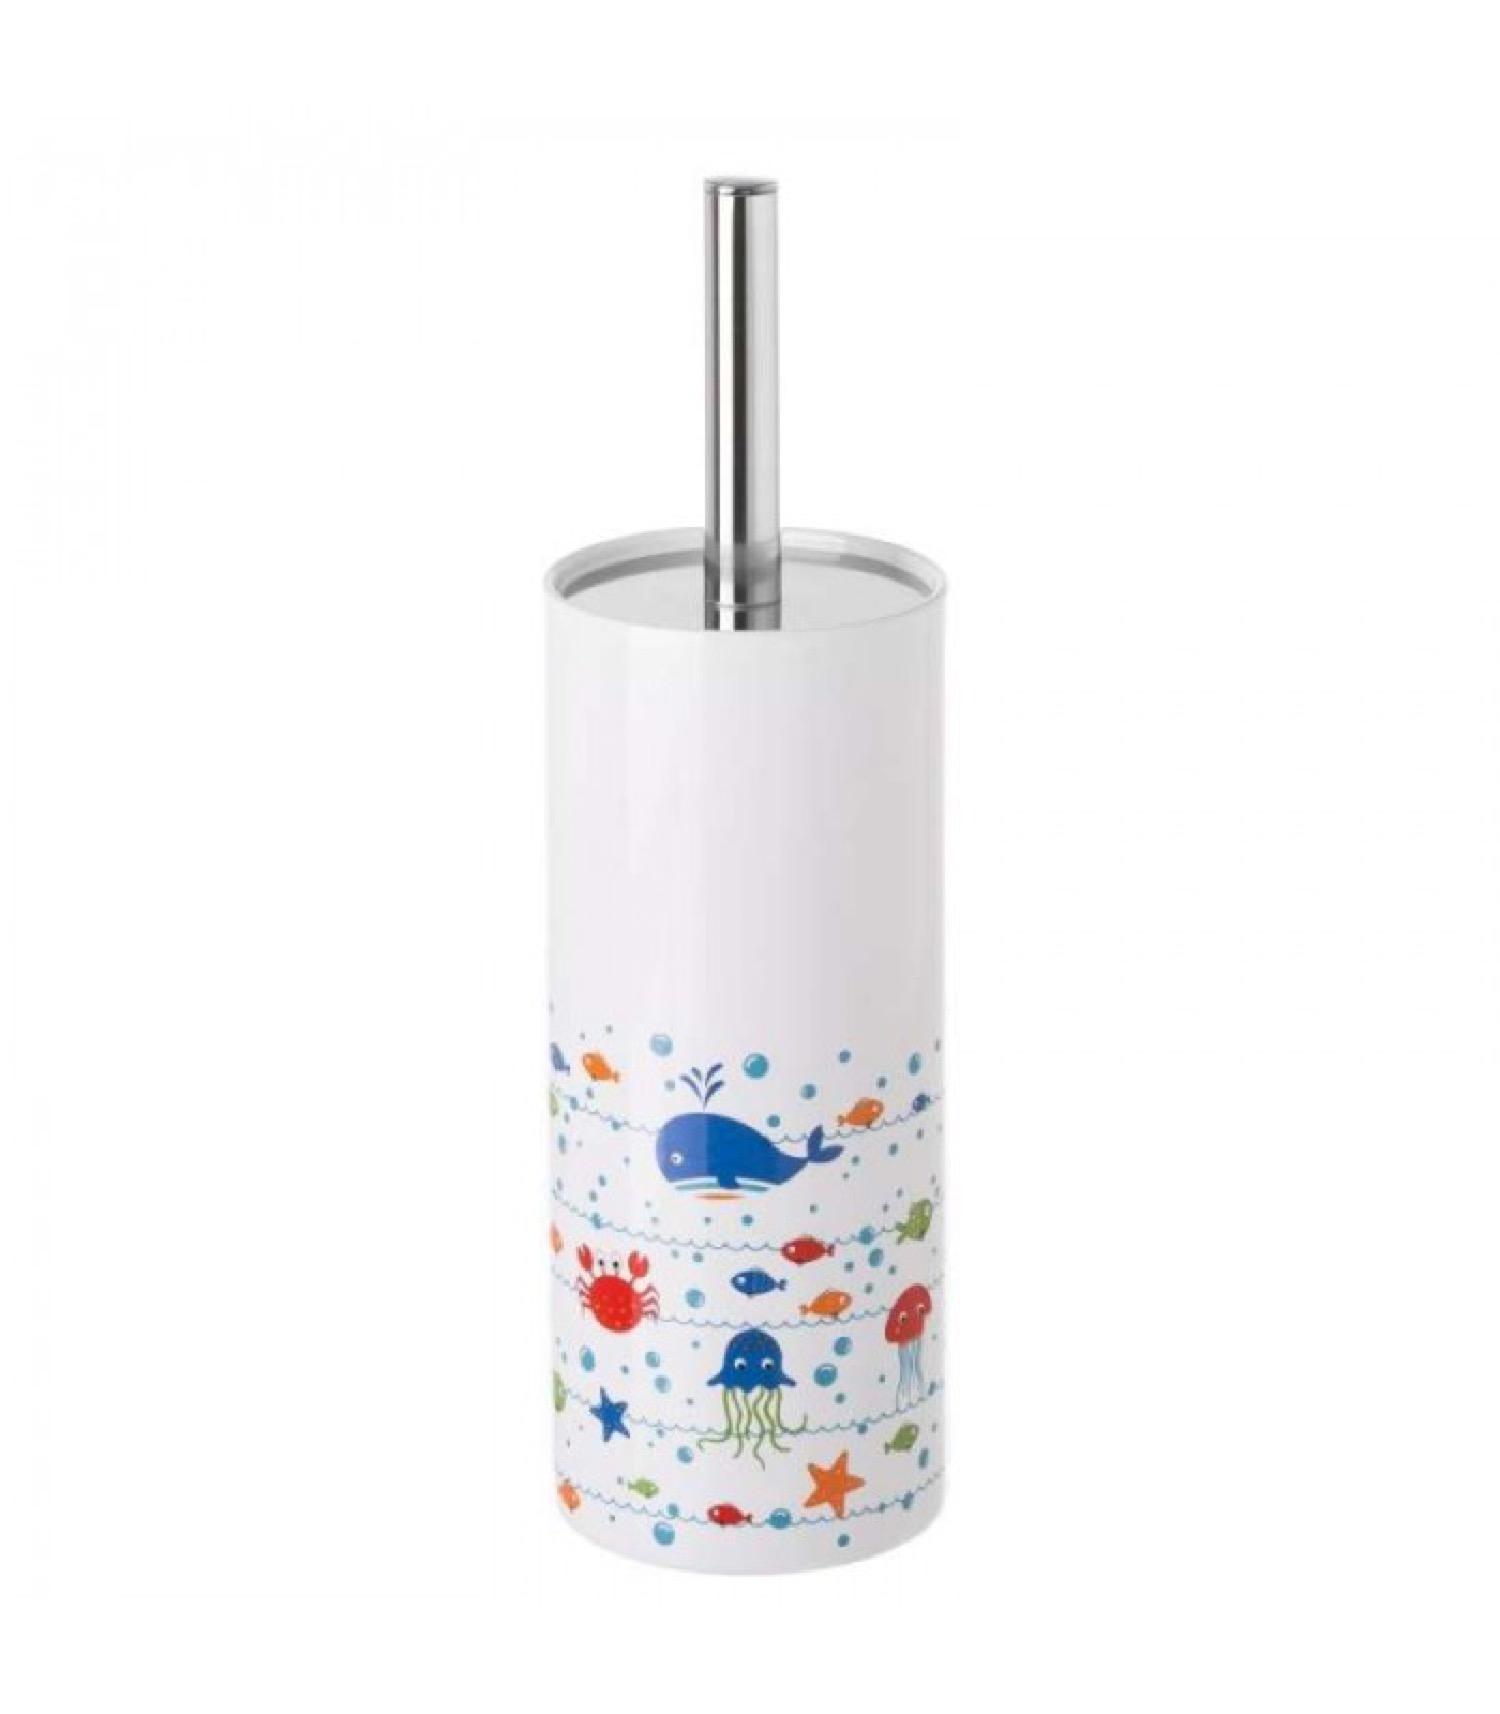 Brosse WC céramique multicolore